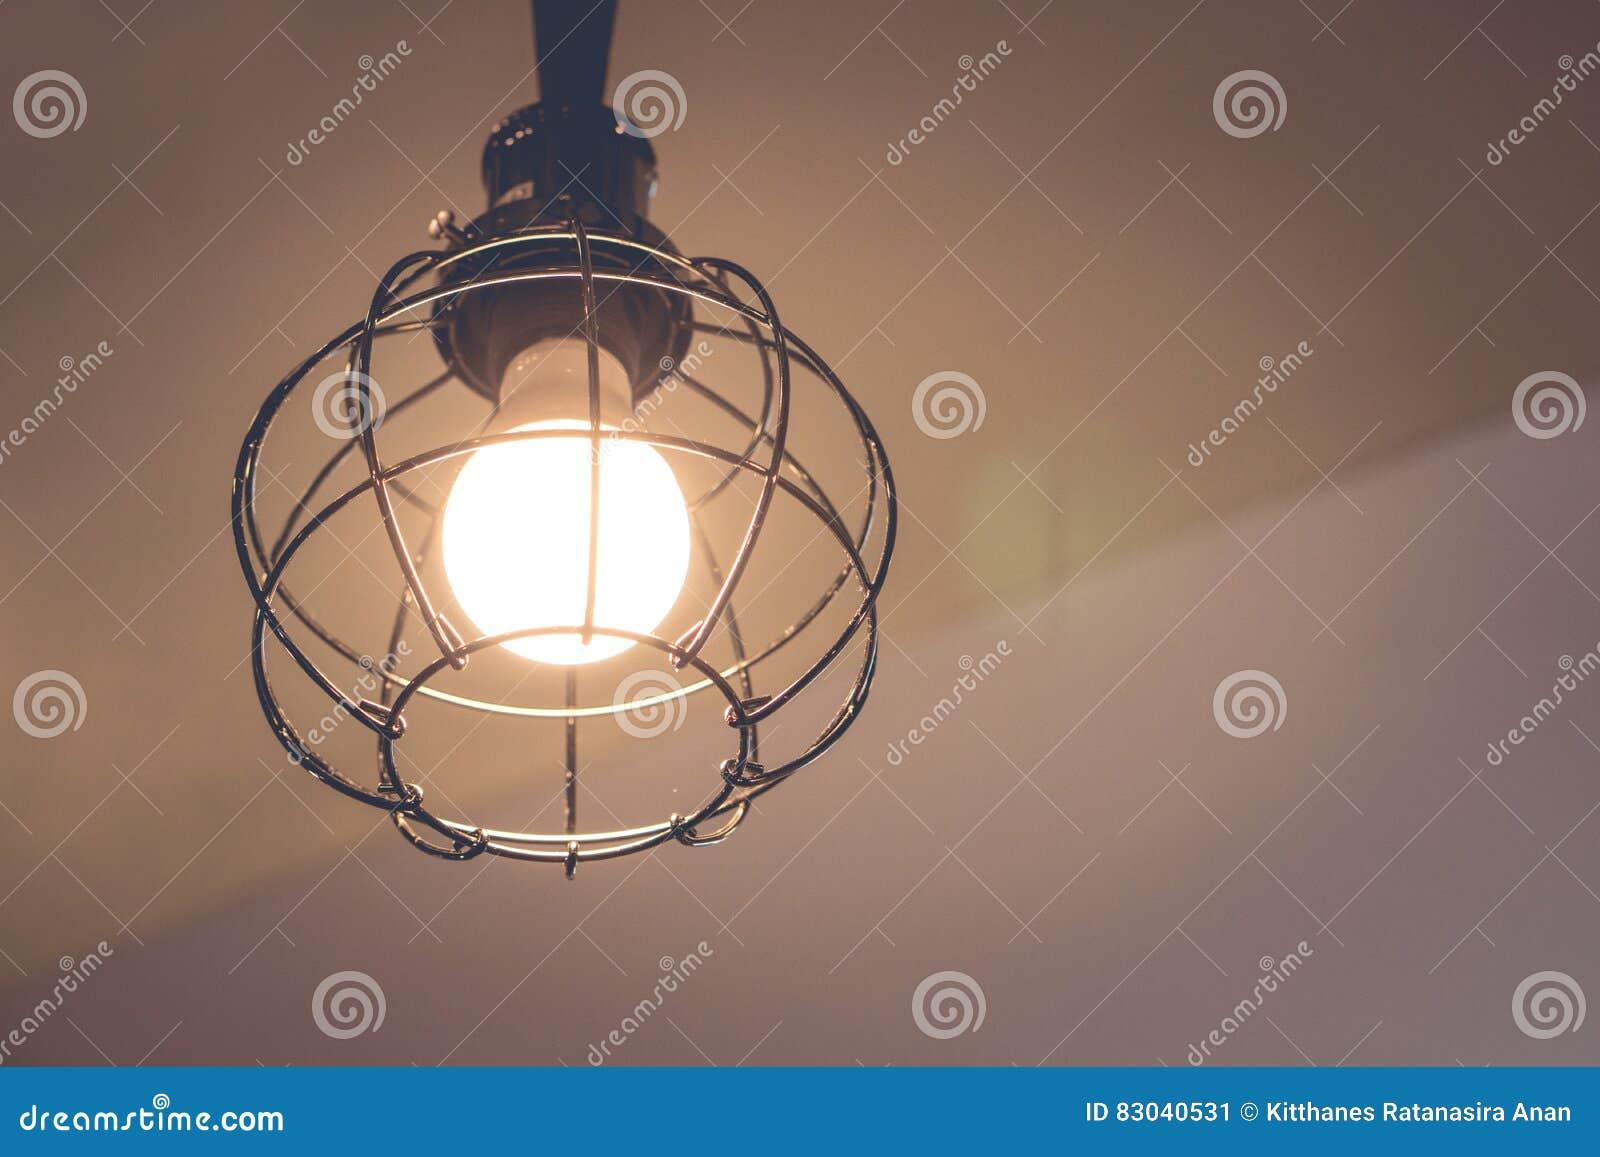 Lampen Hangende Decke In Der Weinlese Art Stockbild Bild Von